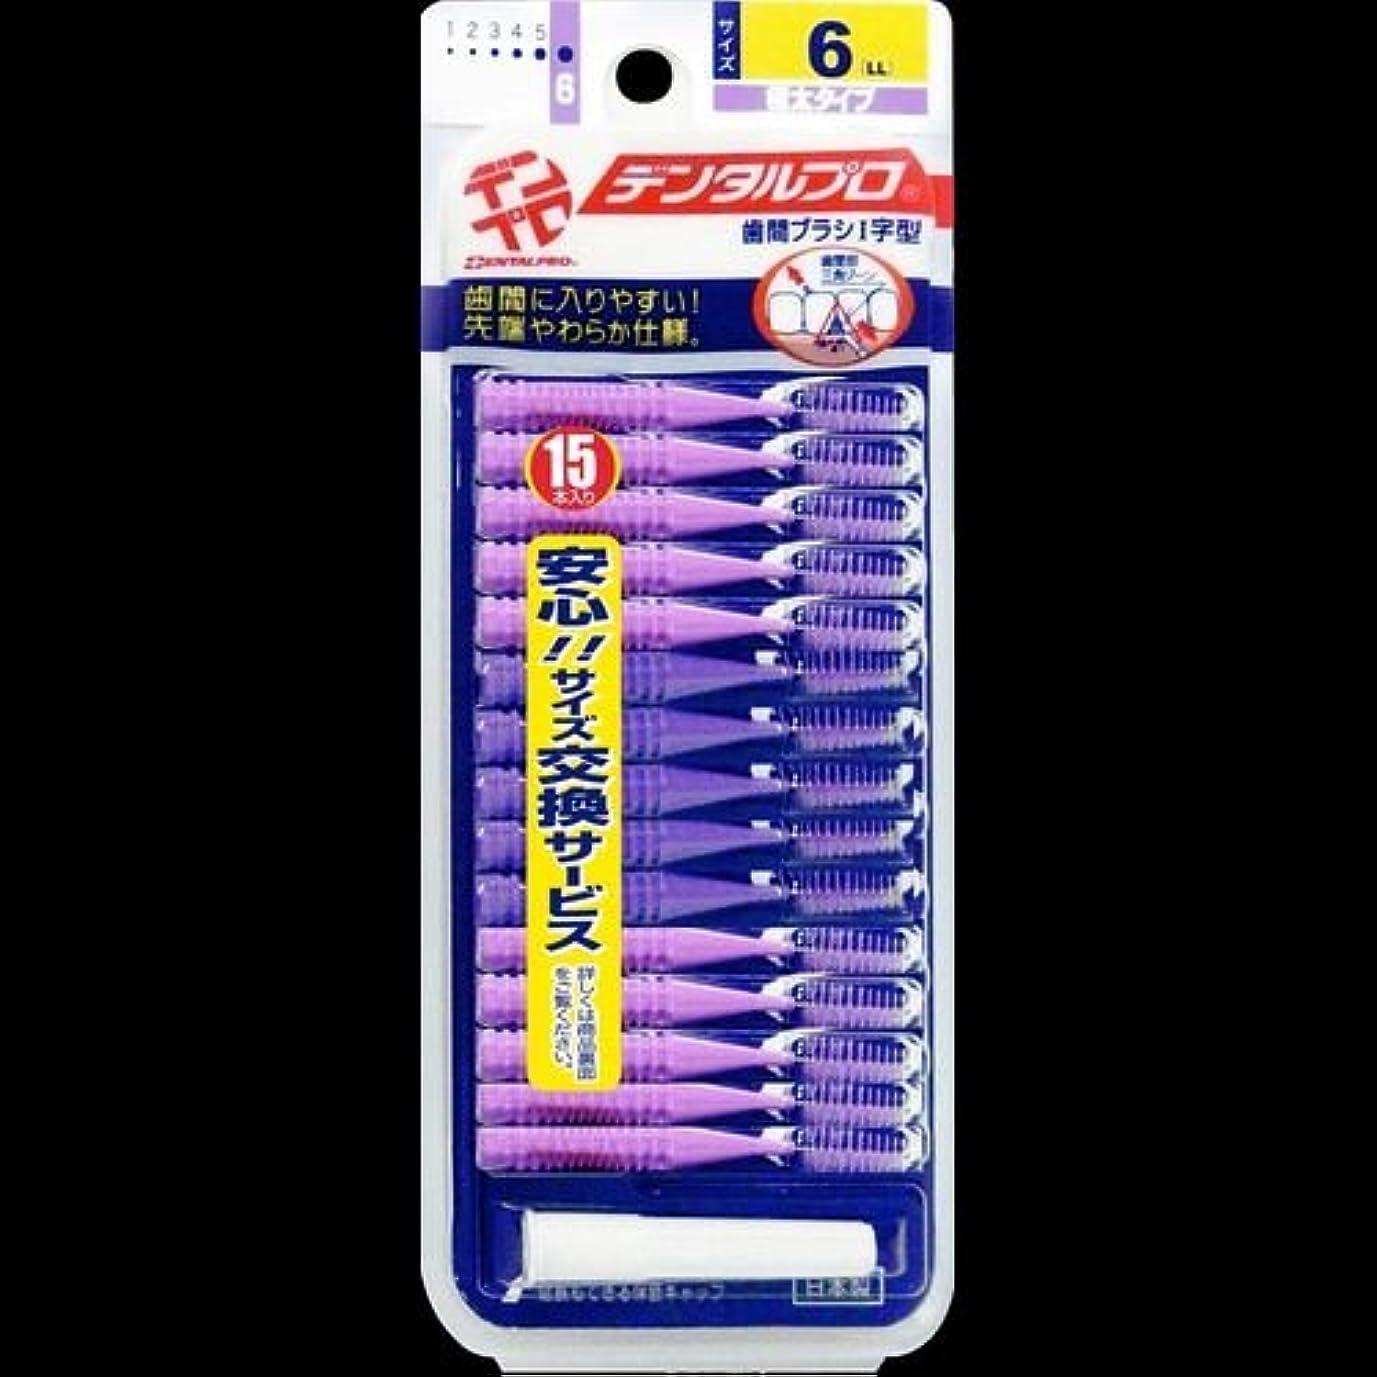 甘やかす熟達した発明するデンタルプロ 歯間ブラシ 15本入 サイズ6(LL) ×2セット